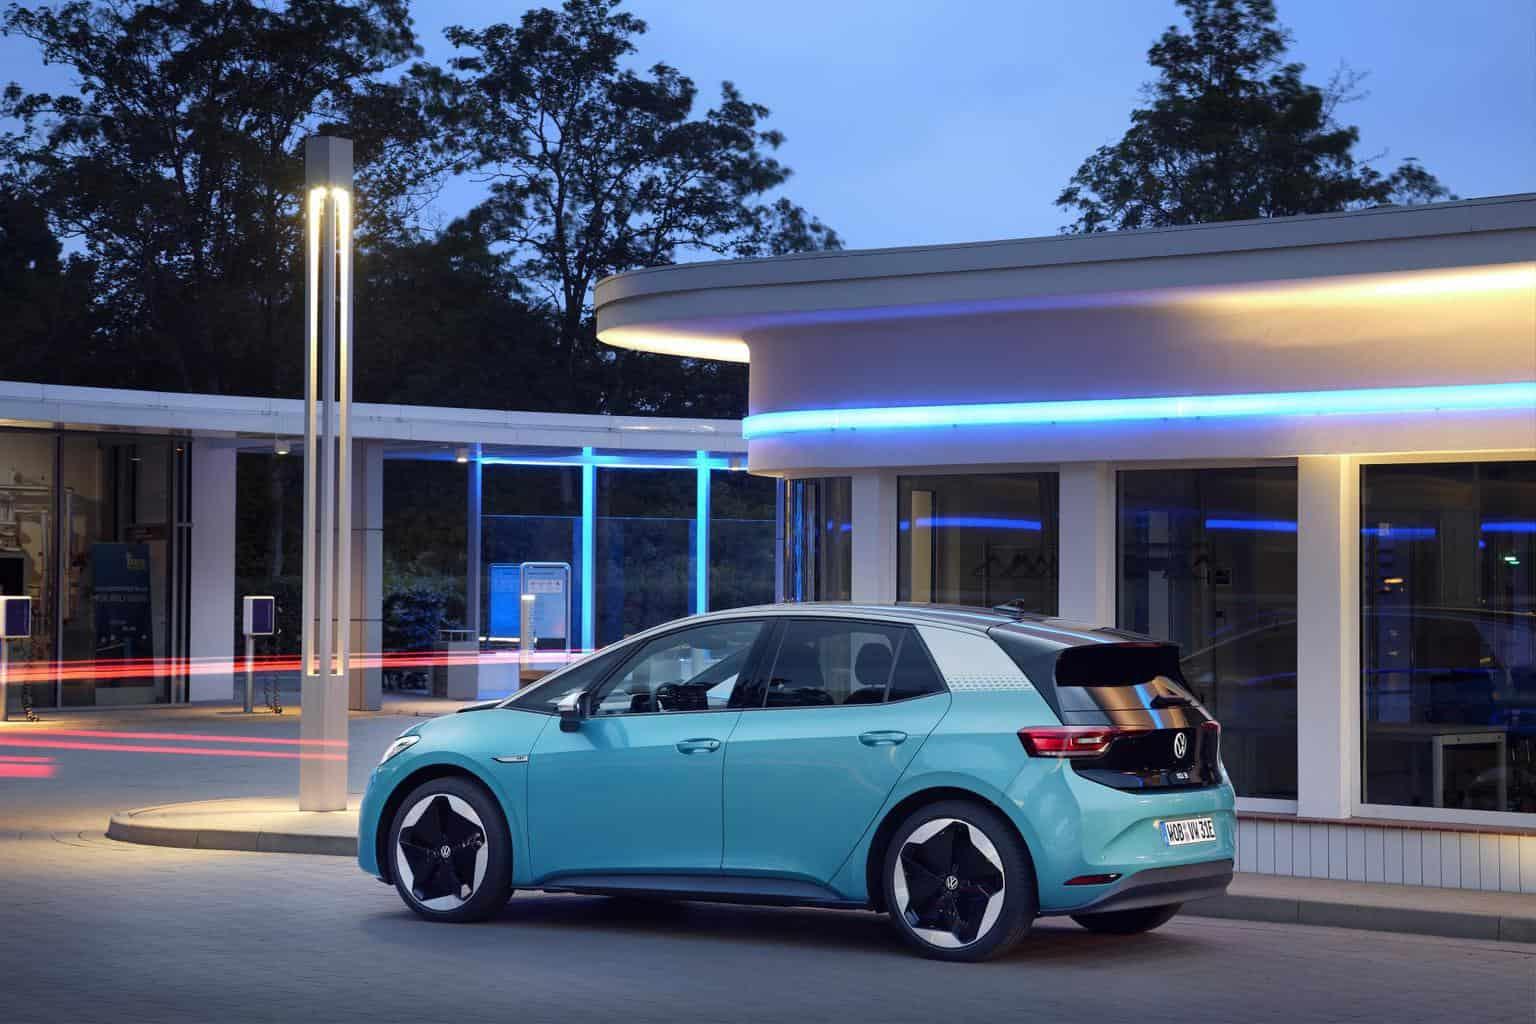 VW Aufsichtsrat stärkt Position von Diess: Volle Unterstützung bei Neuausrichtung auf Elektromobilität